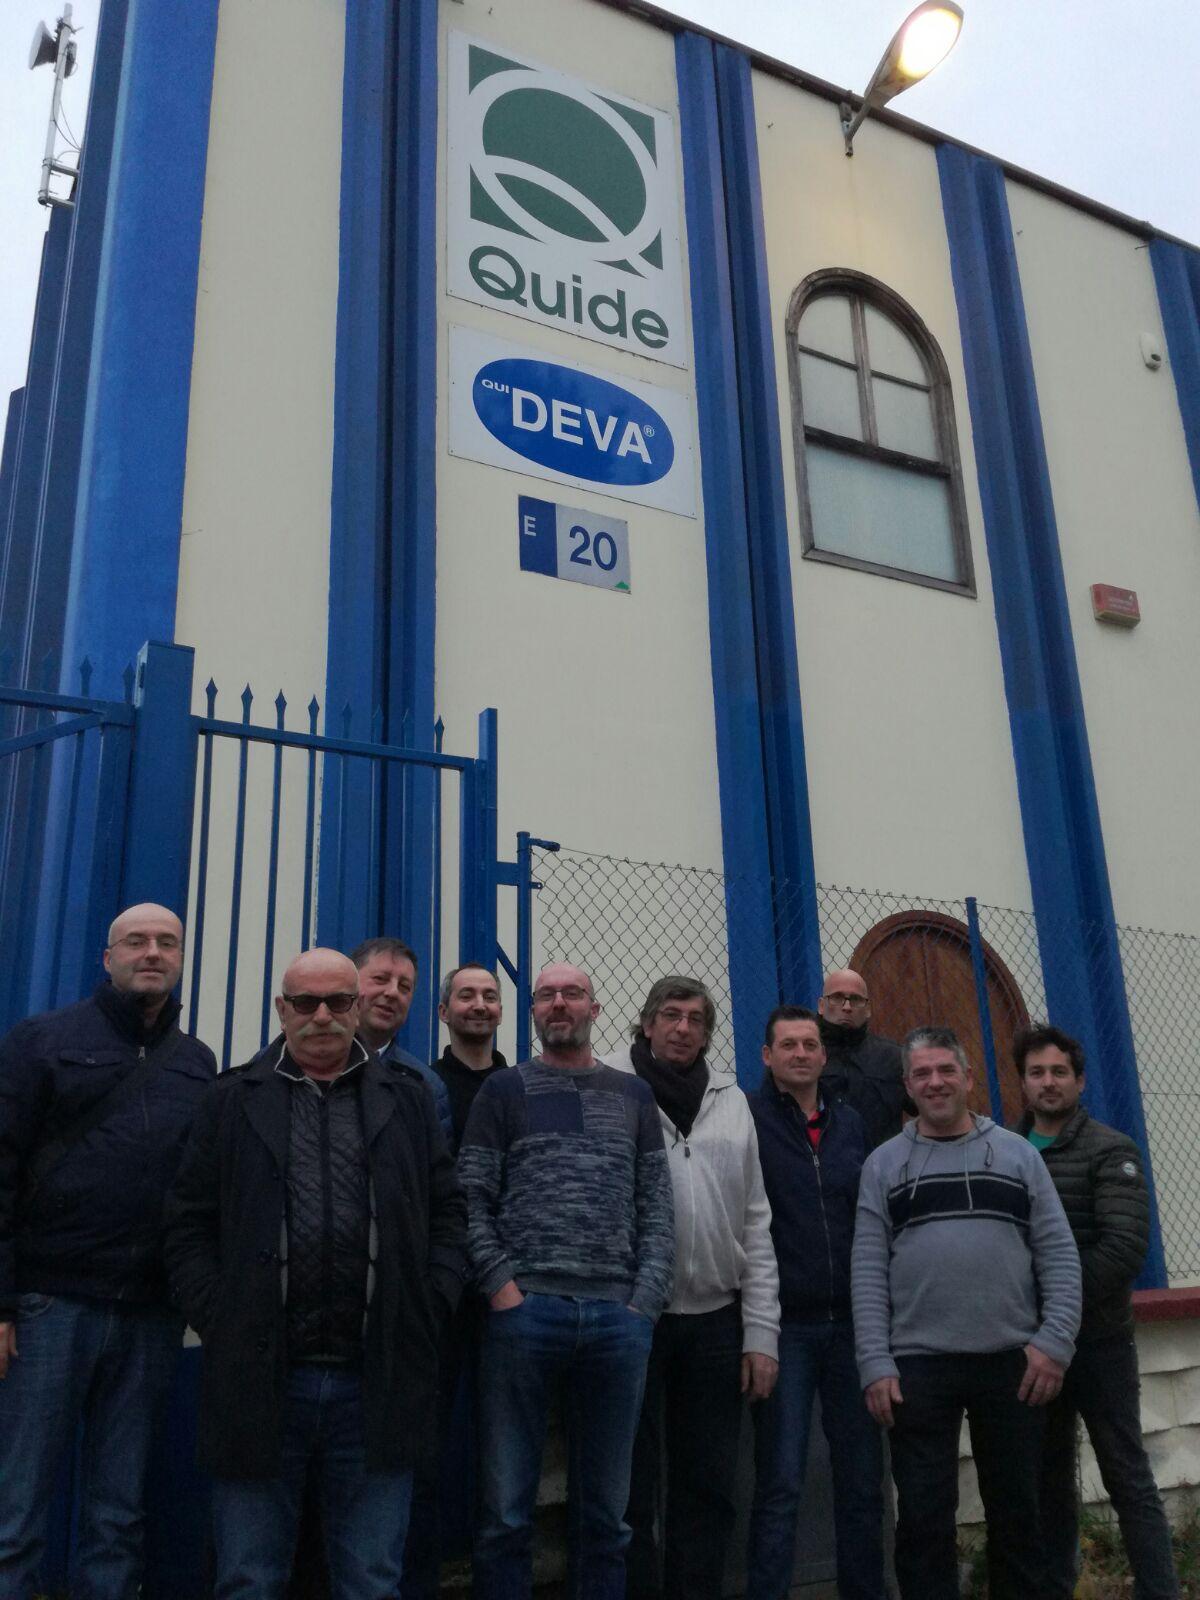 Grupo de hombres delante de las instalaciones de Quide